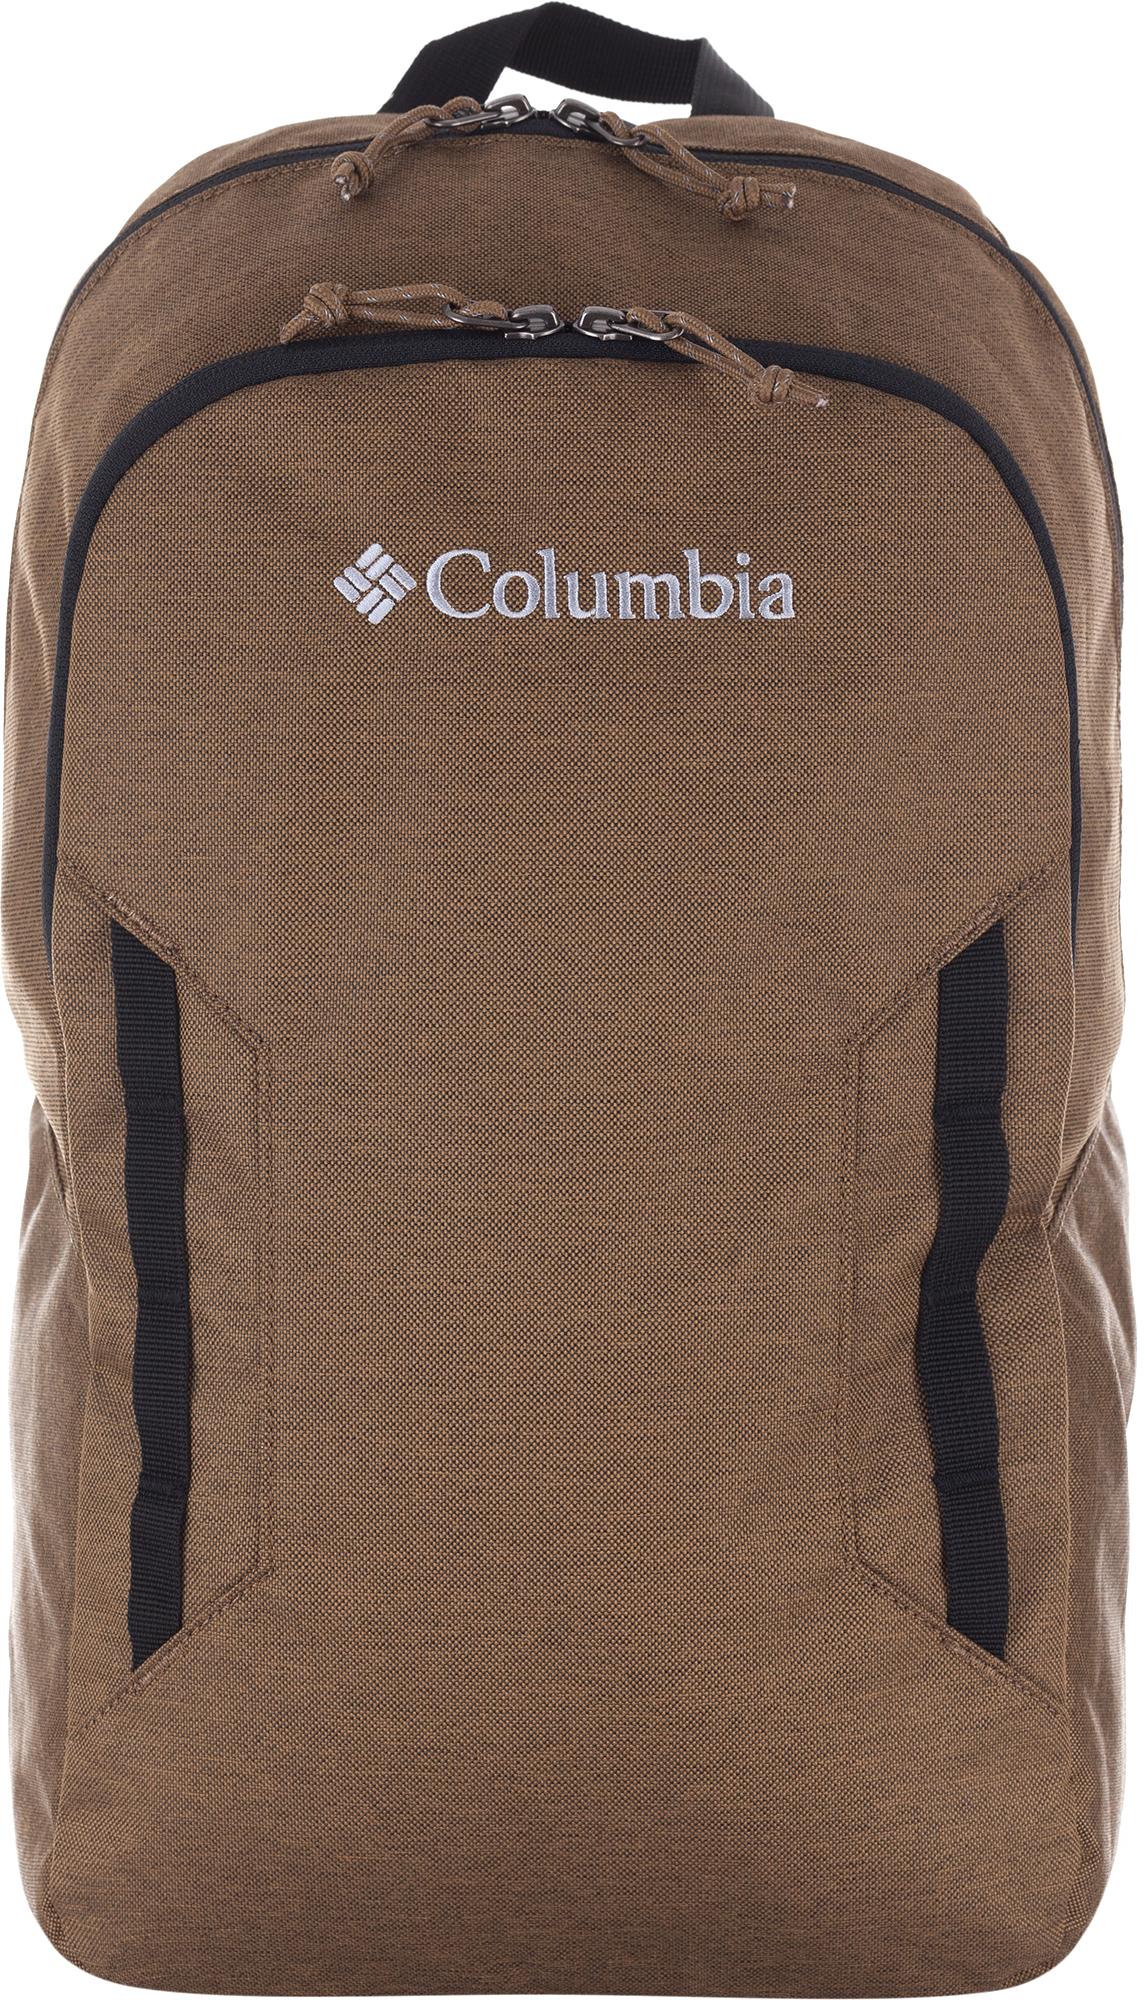 Columbia Рюкзак мужской Columbia Oak Bowery, размер Без размера цены онлайн